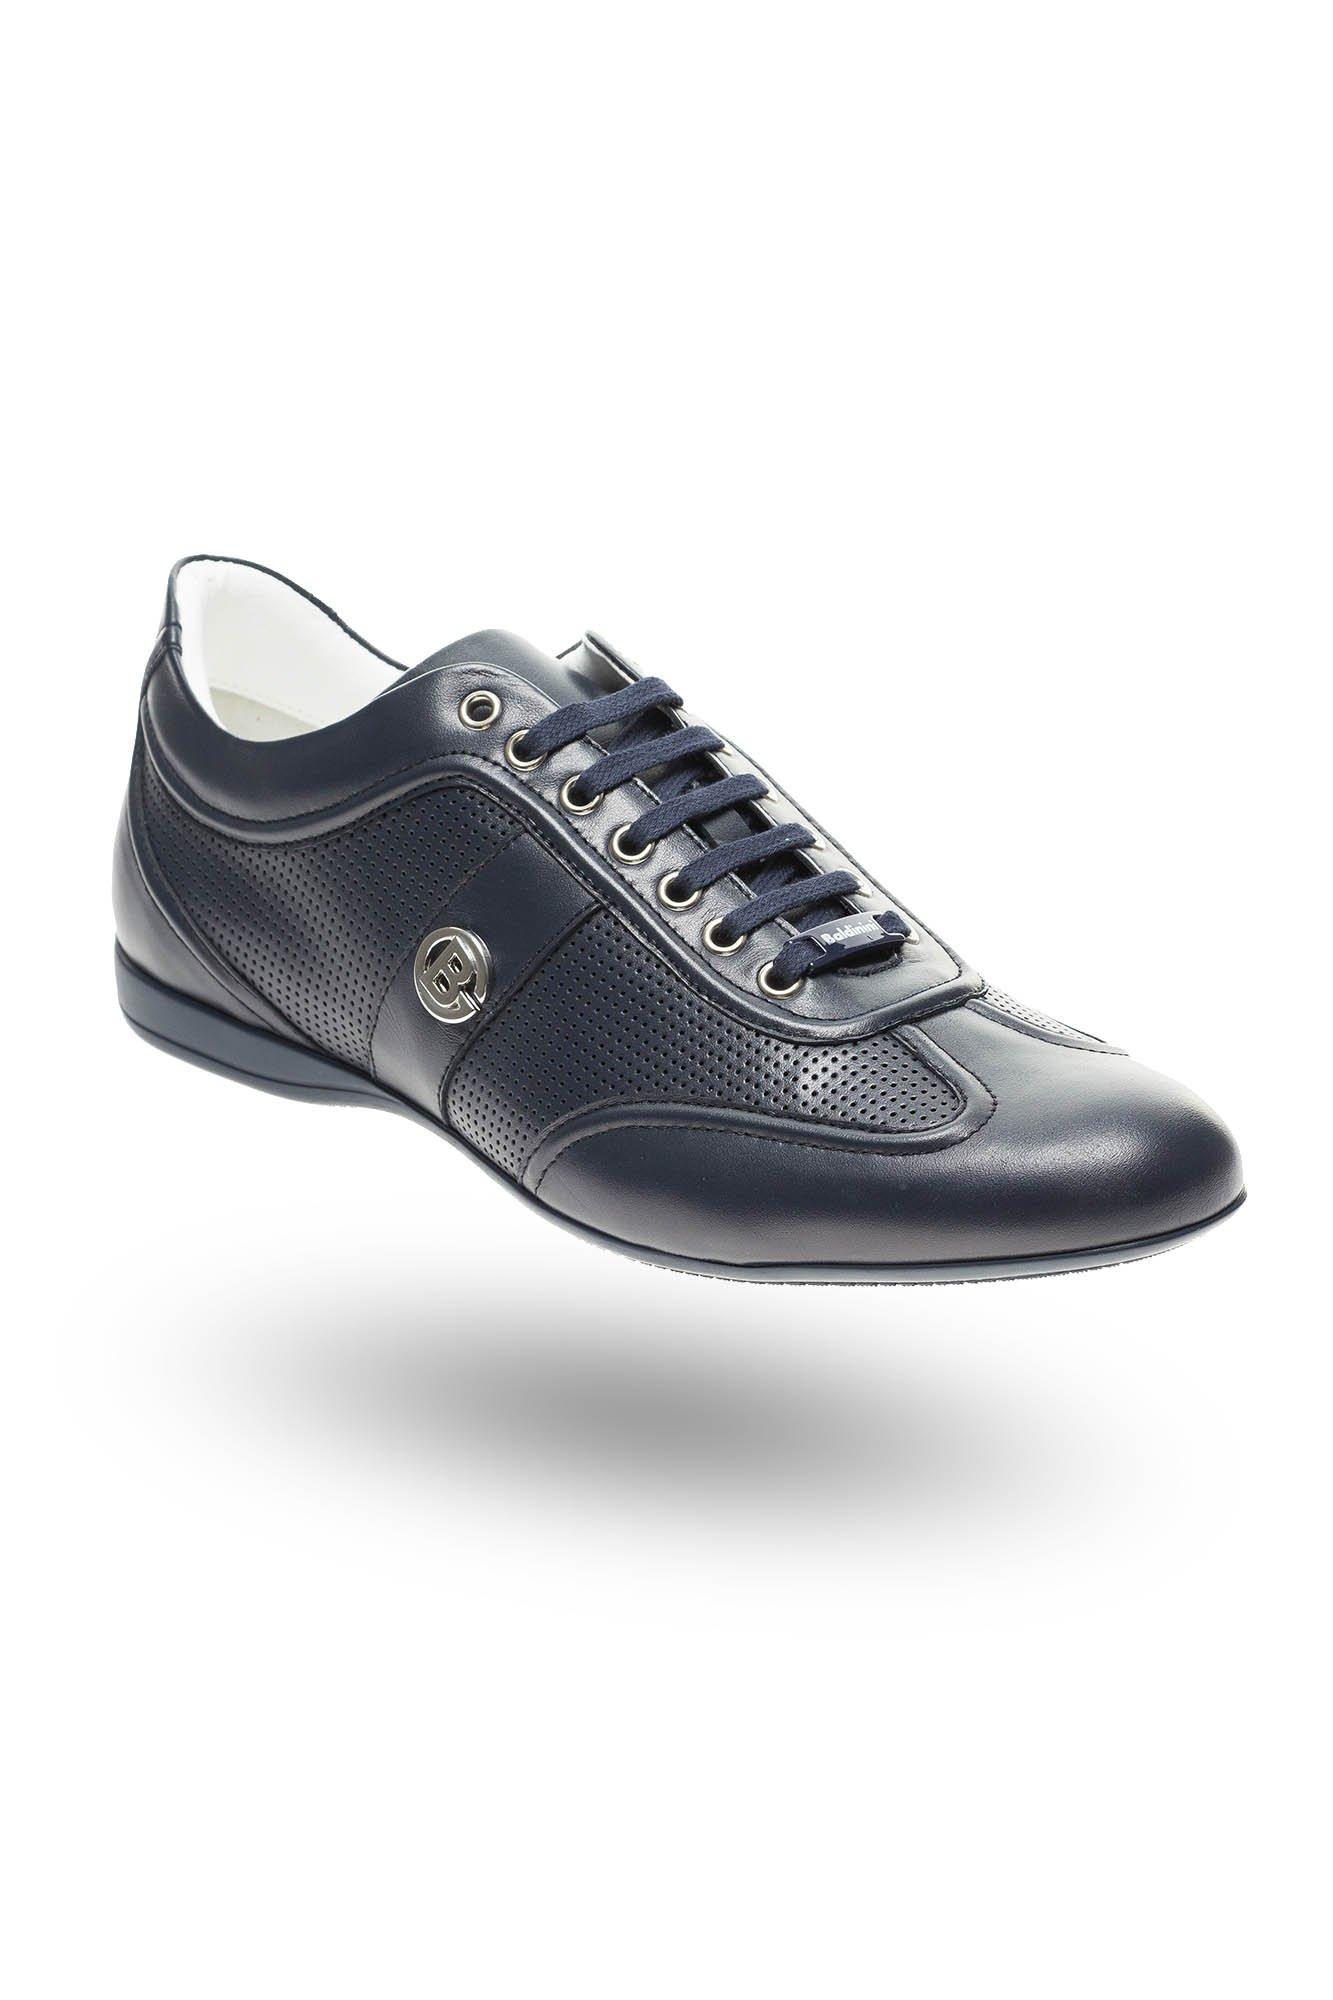 b847efba3b630 ... Granatowe skórzane sneakersy Baldinini z perforacją ...